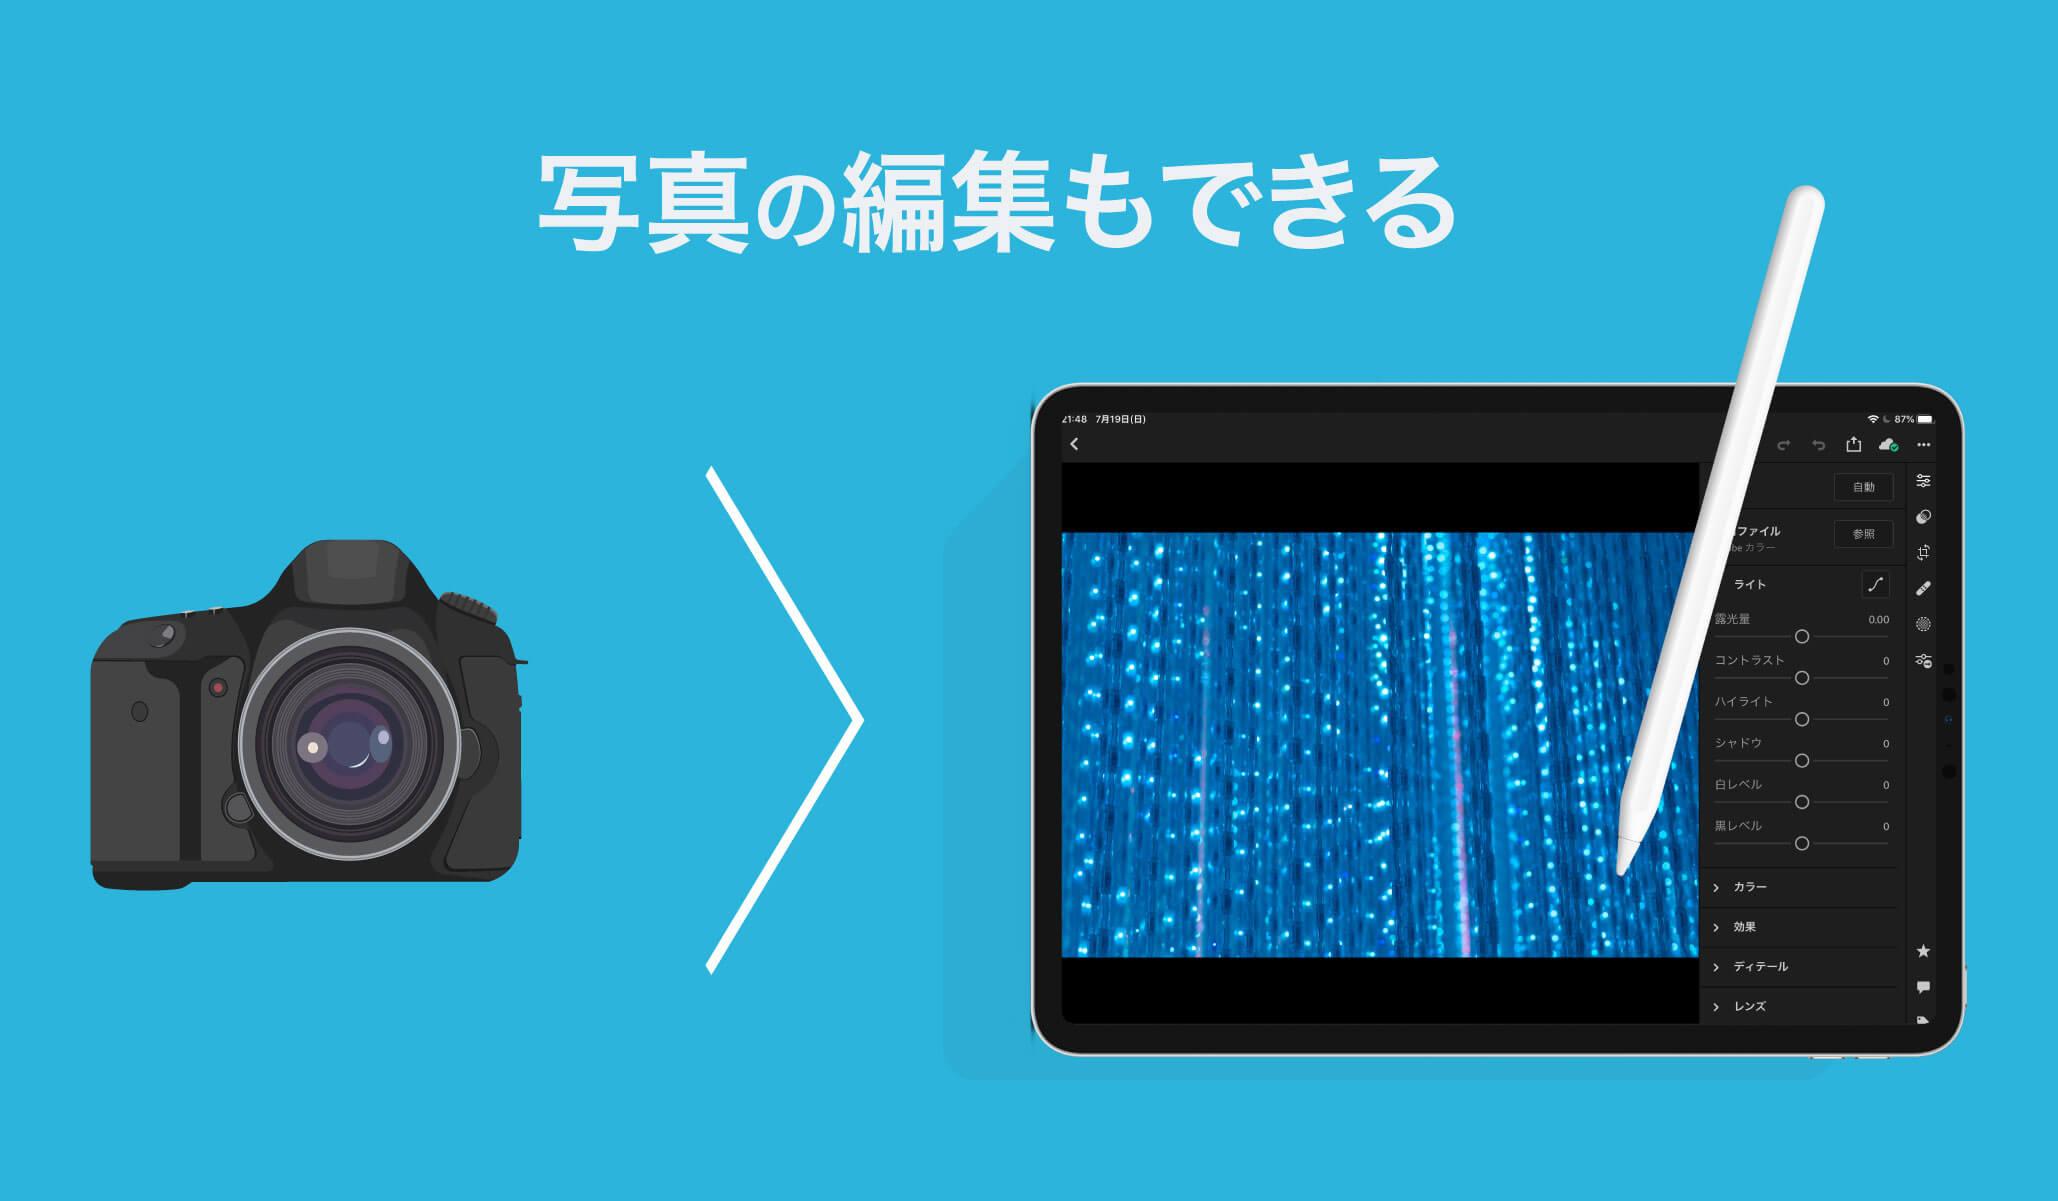 iPadで写真の編集ができる